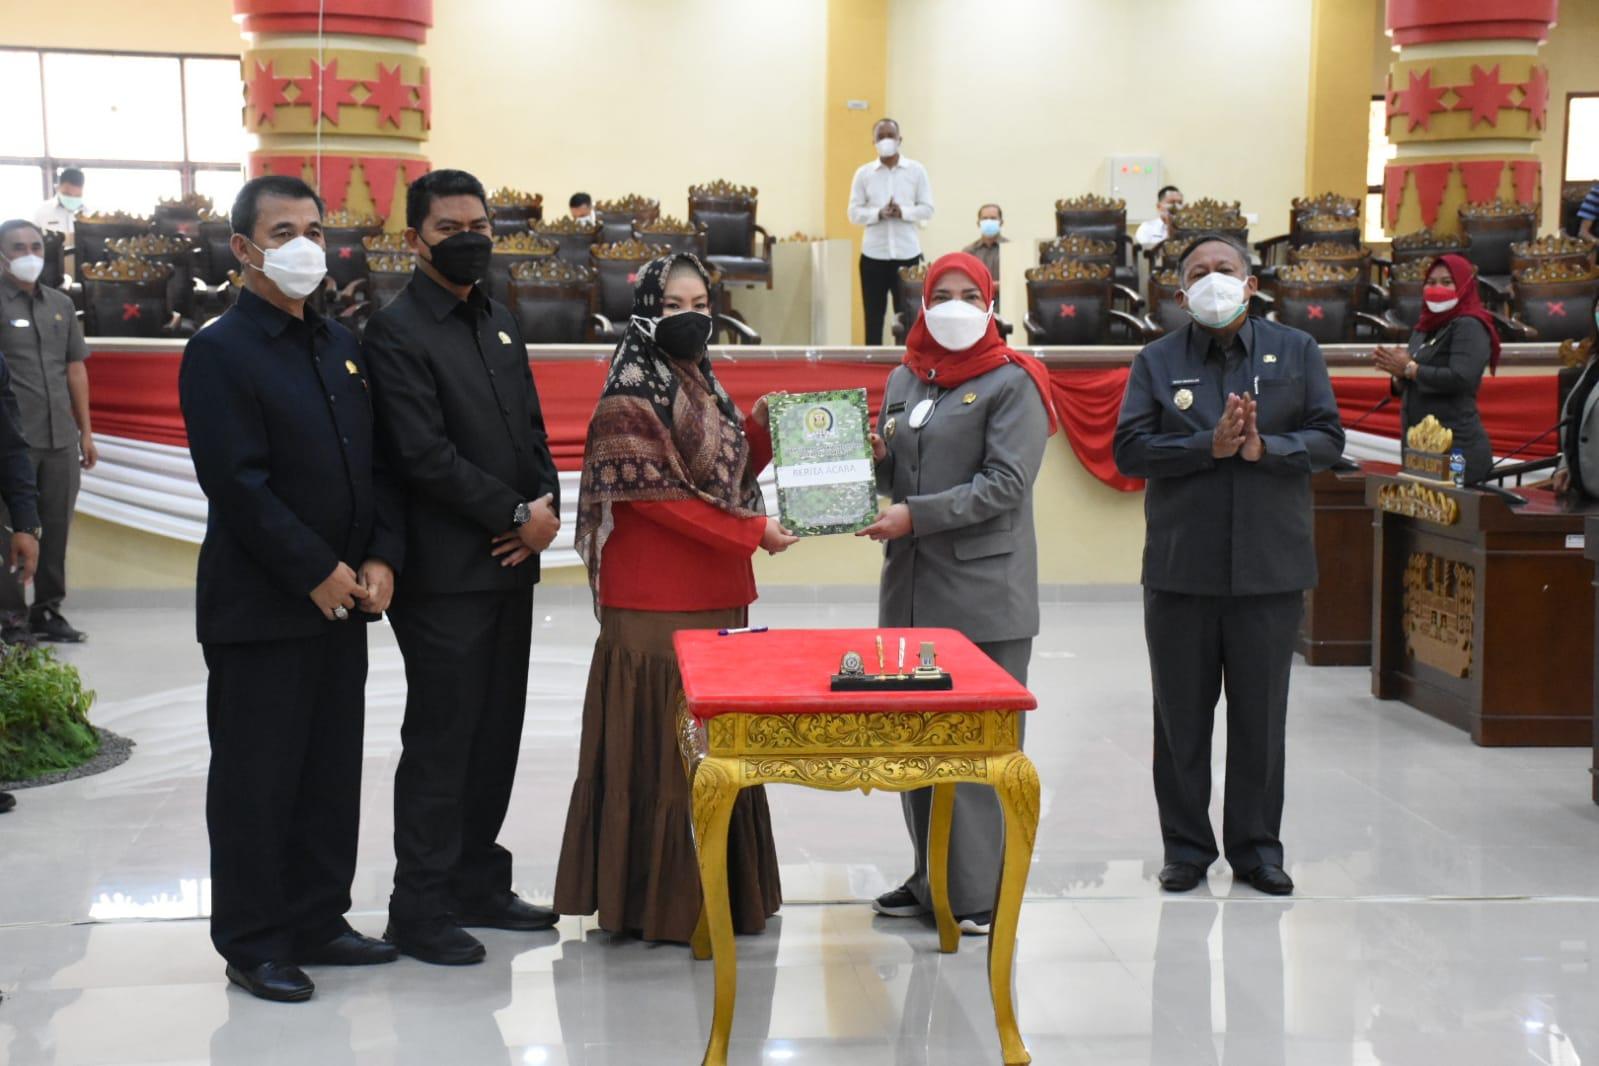 SAHKAN. Walikota bersama DPRD Bandar Lampung secara resmi telah mengesahkan RPJMD Bandar Lampung menjadi Perda, pada rapat paripurna yang dilaksanakan pada Rabu (18/8). FOTO.IST